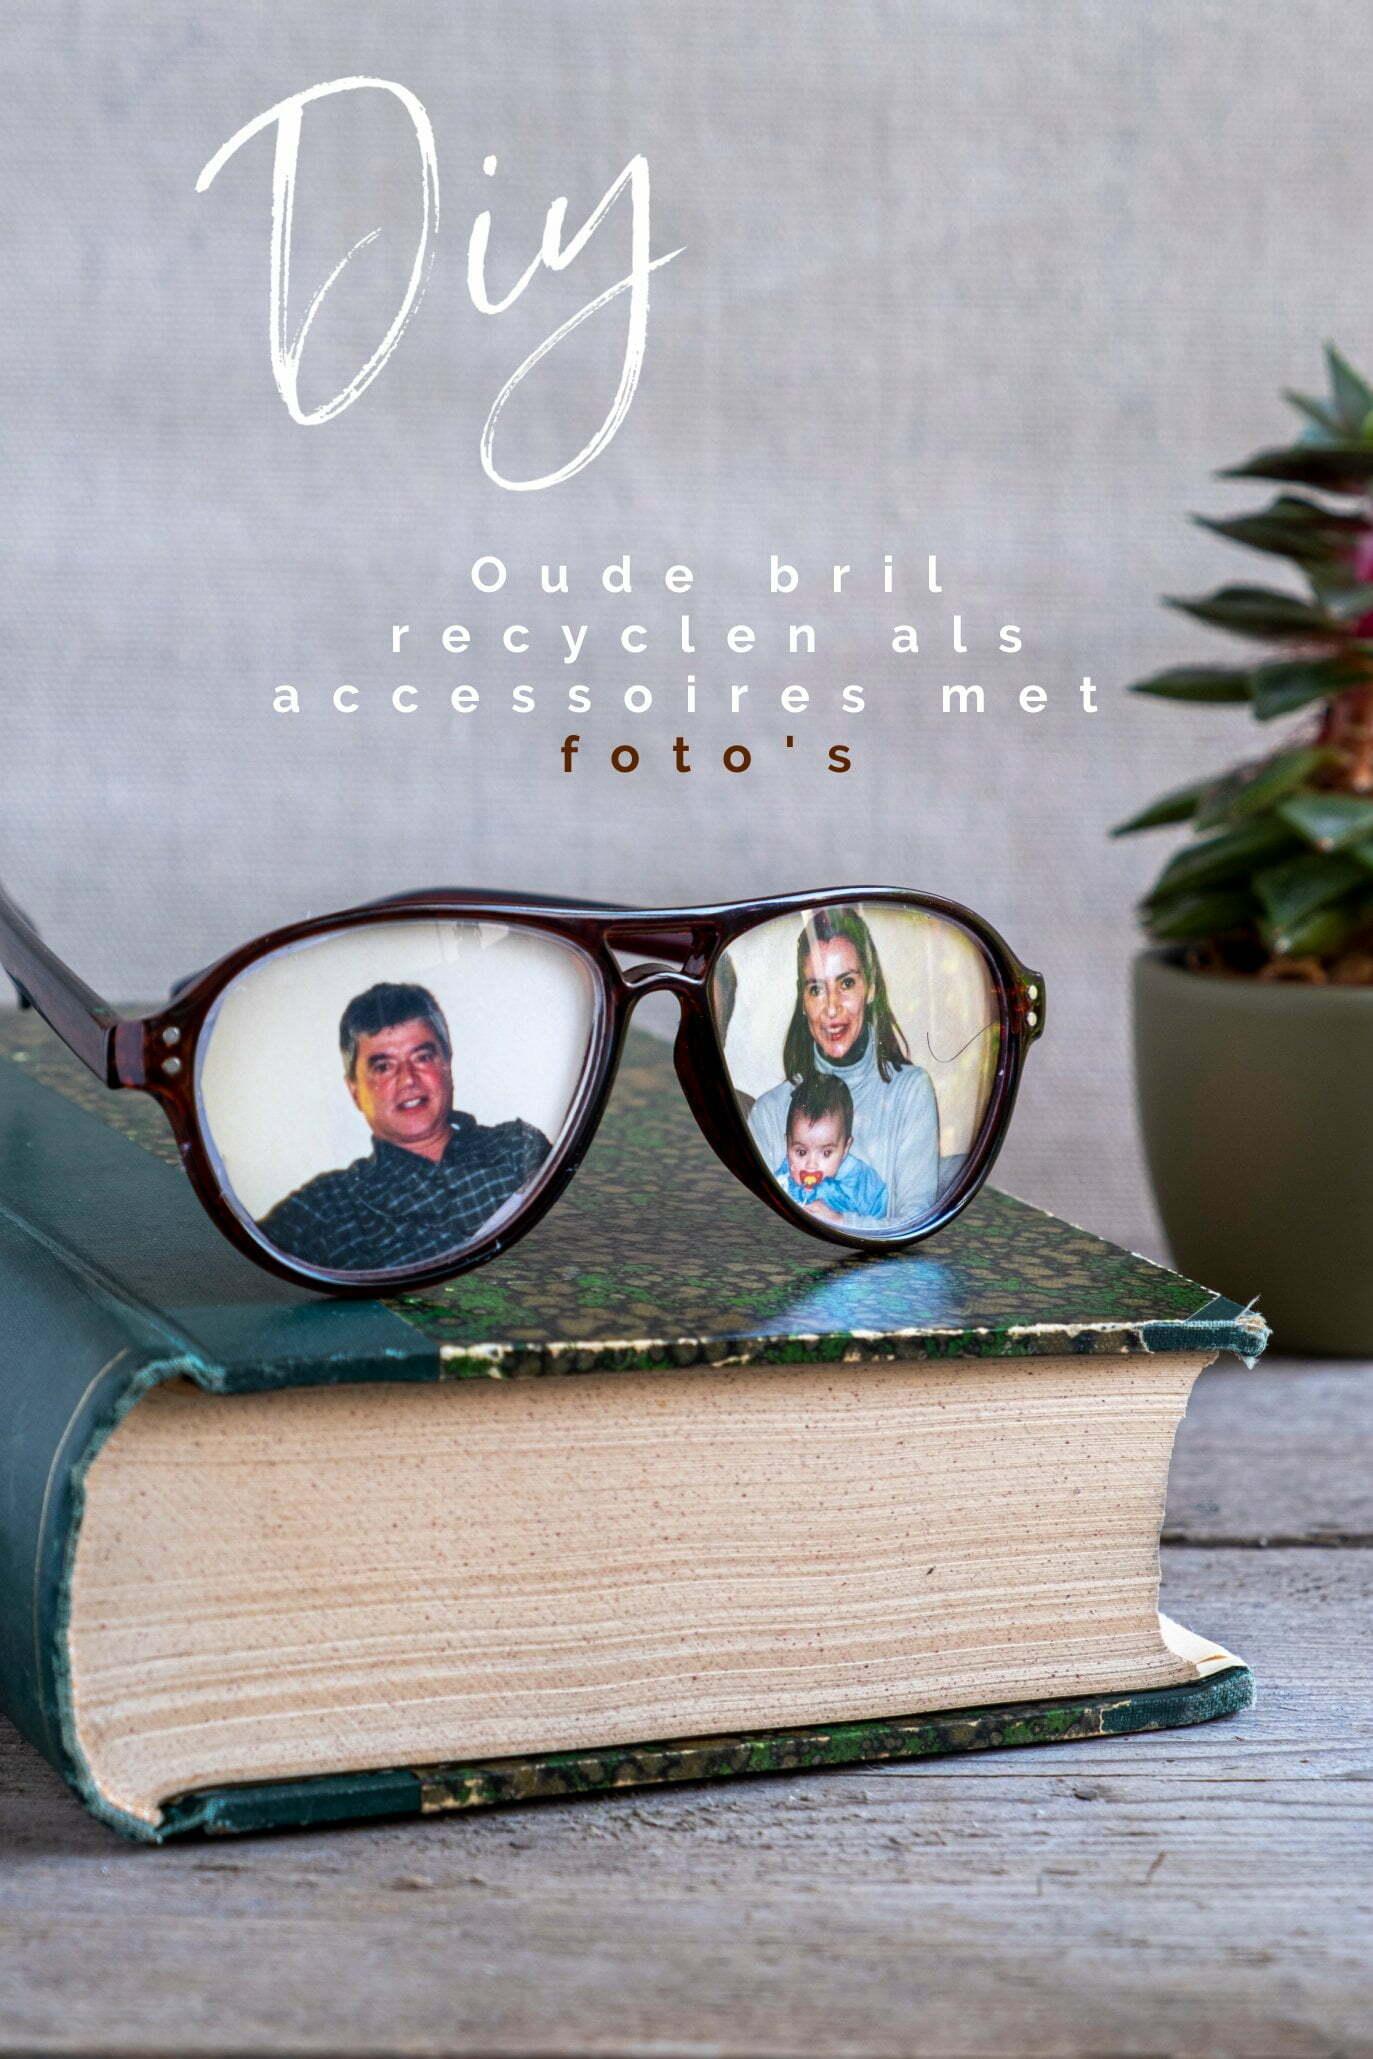 Diy: Oude bril recyclen